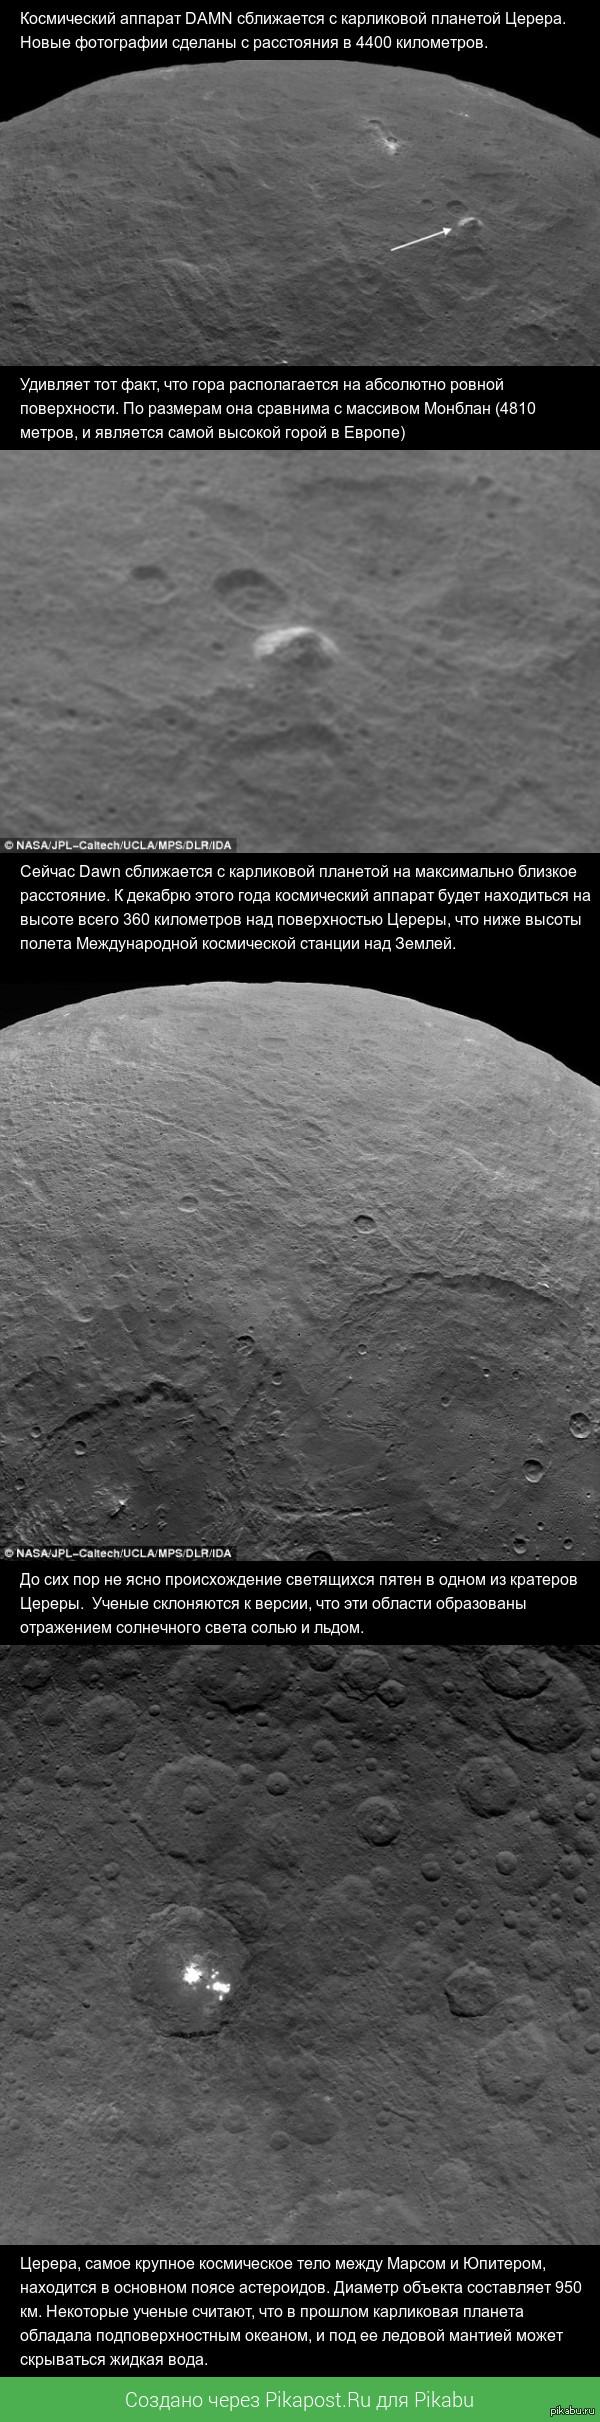 Космический аппарат DAMN сближался с карликовой планетой Церера Новое фото